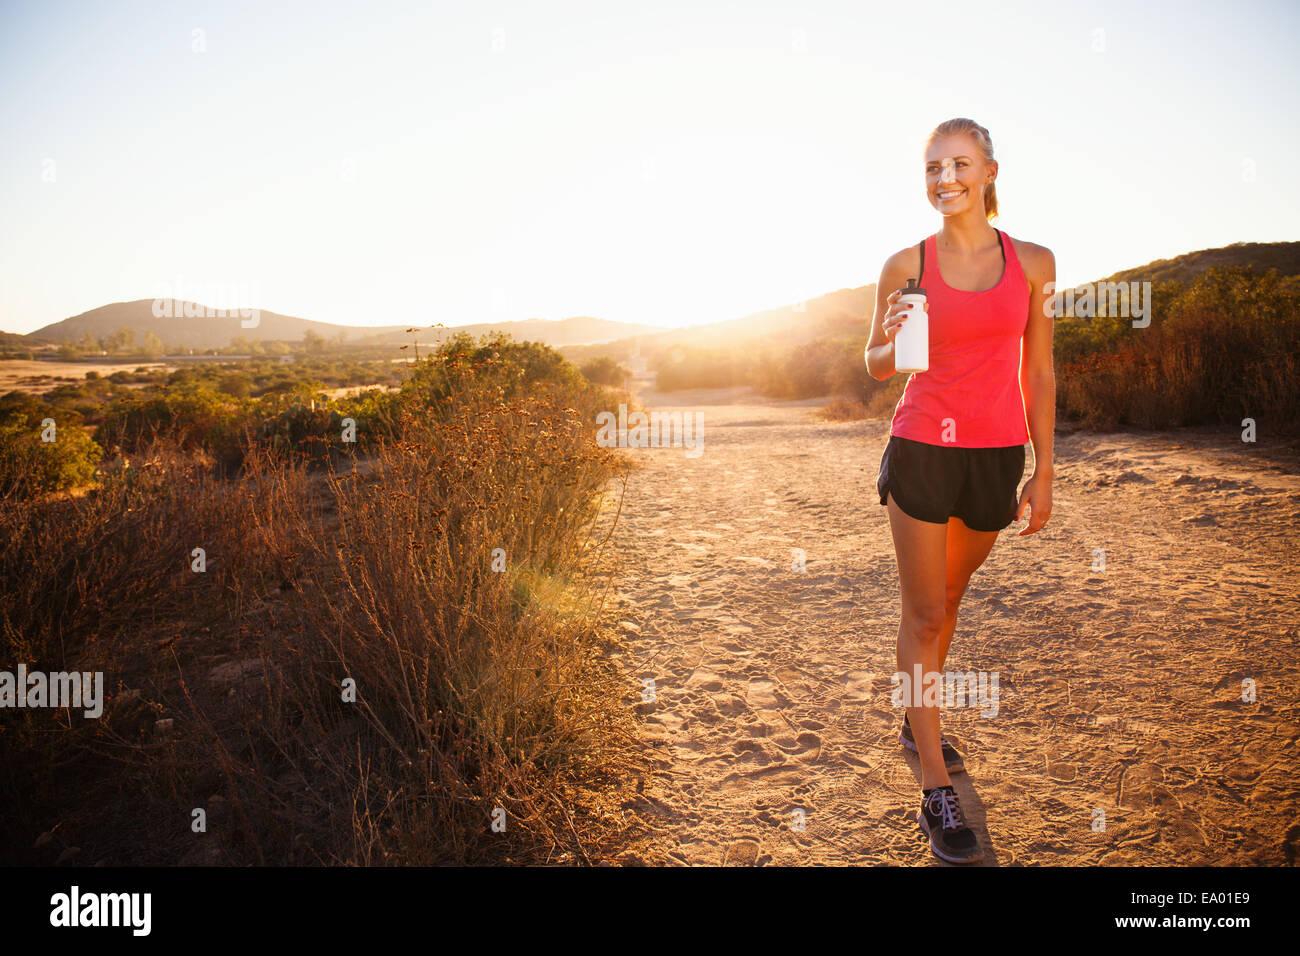 Weibliche Jogger Wasserflasche festhalten Weg, Poway, Kalifornien, USA Stockbild